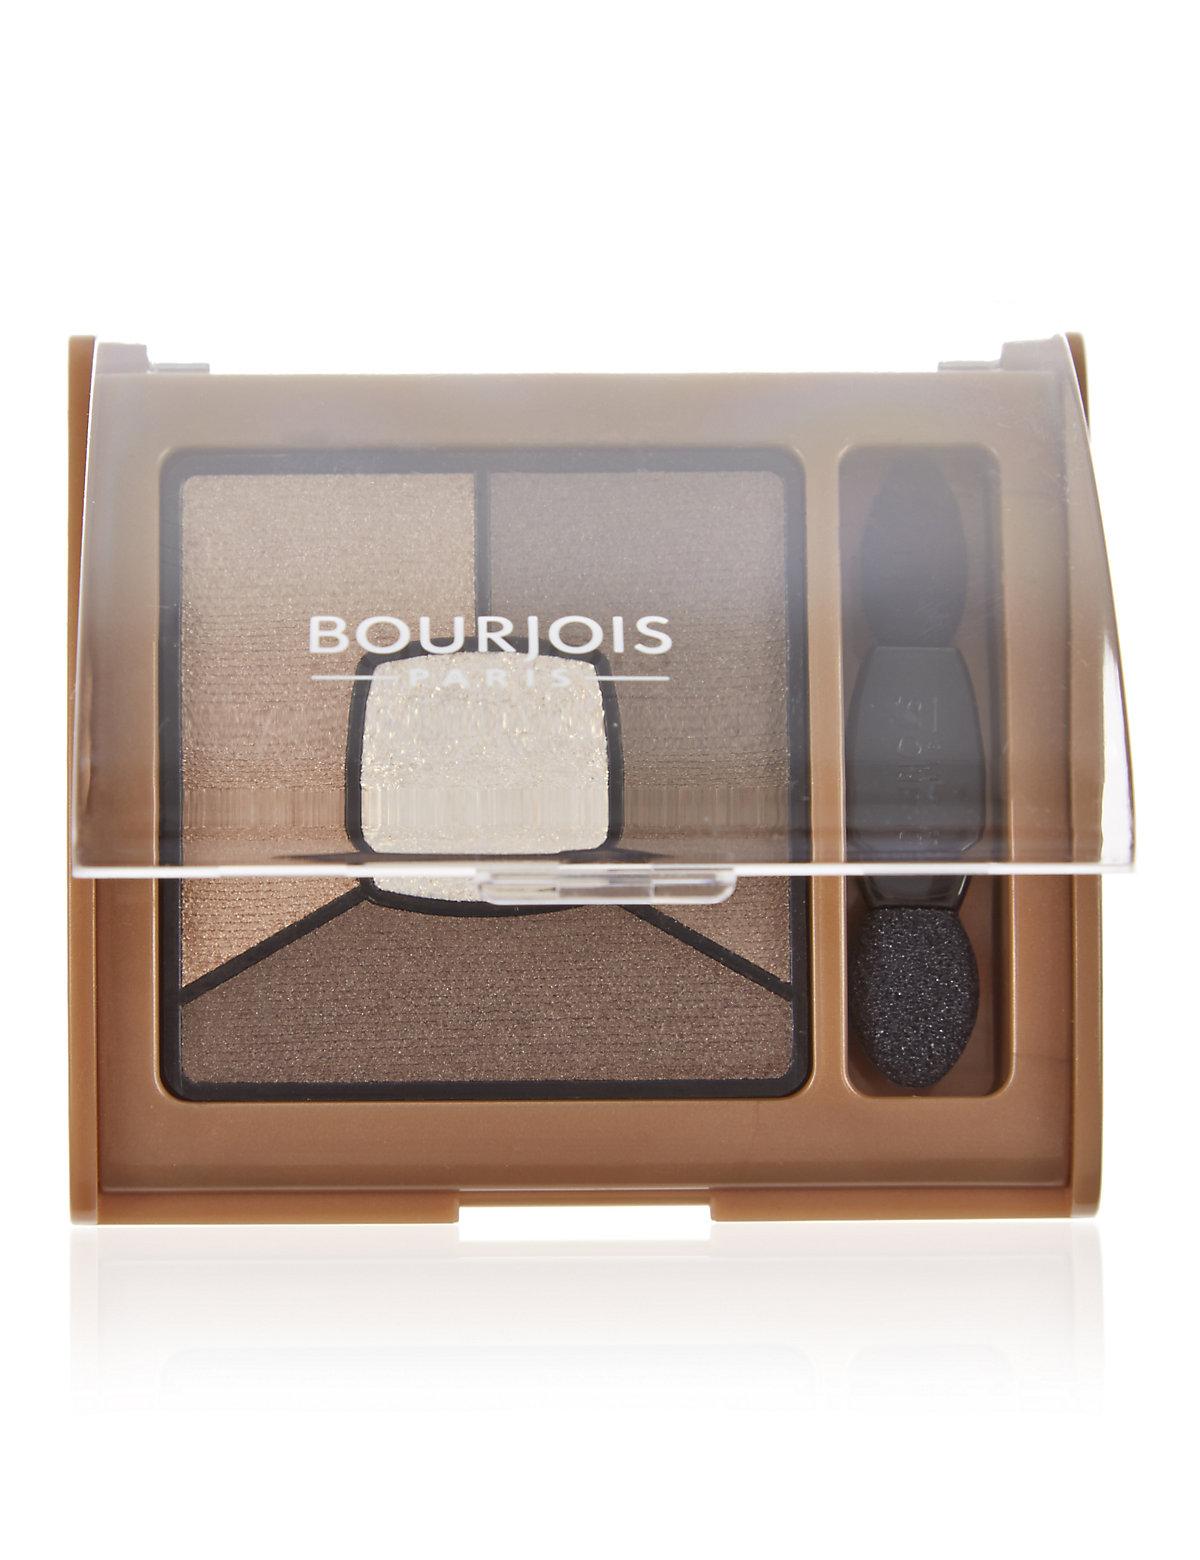 Bourjois Quad Smokey Stories Eyeshadow Palette 3g